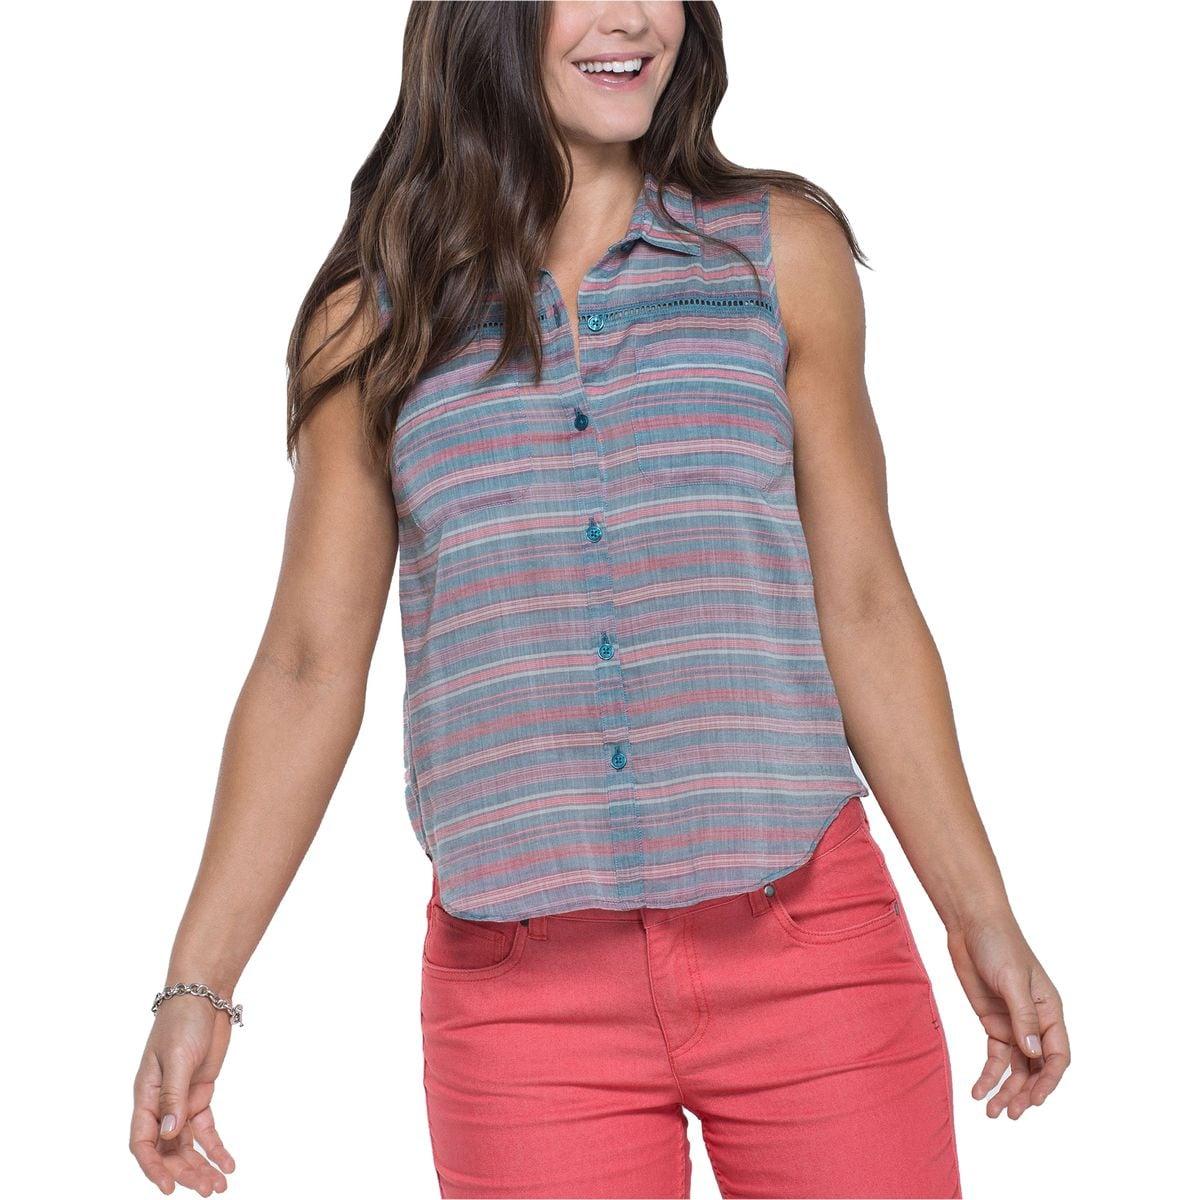 Airbrush Deco Sleeveless Shirt - Women